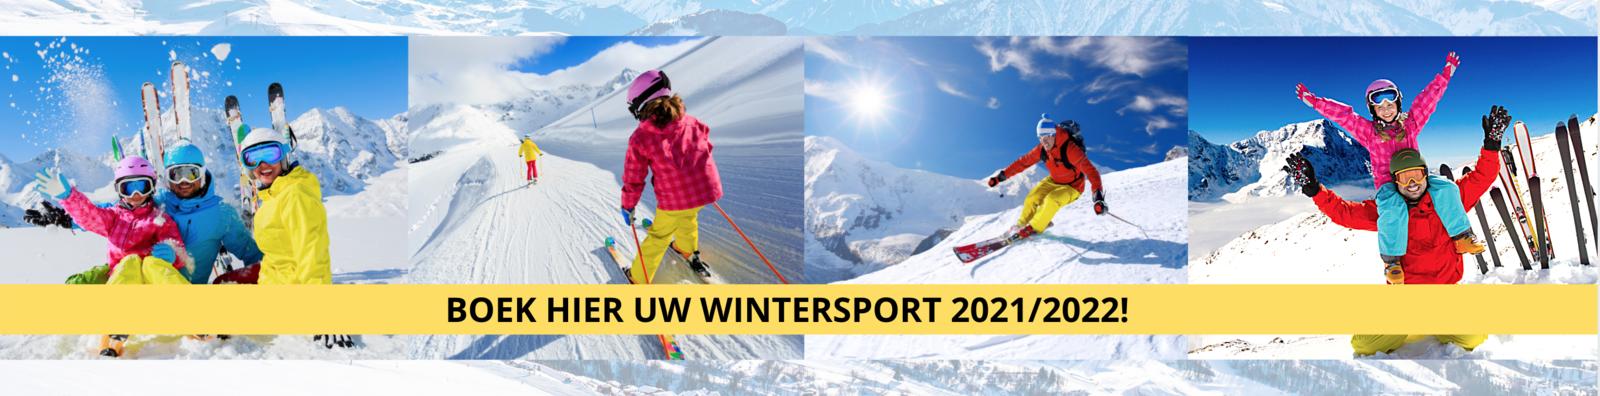 Wintersport boeken 2021/2022